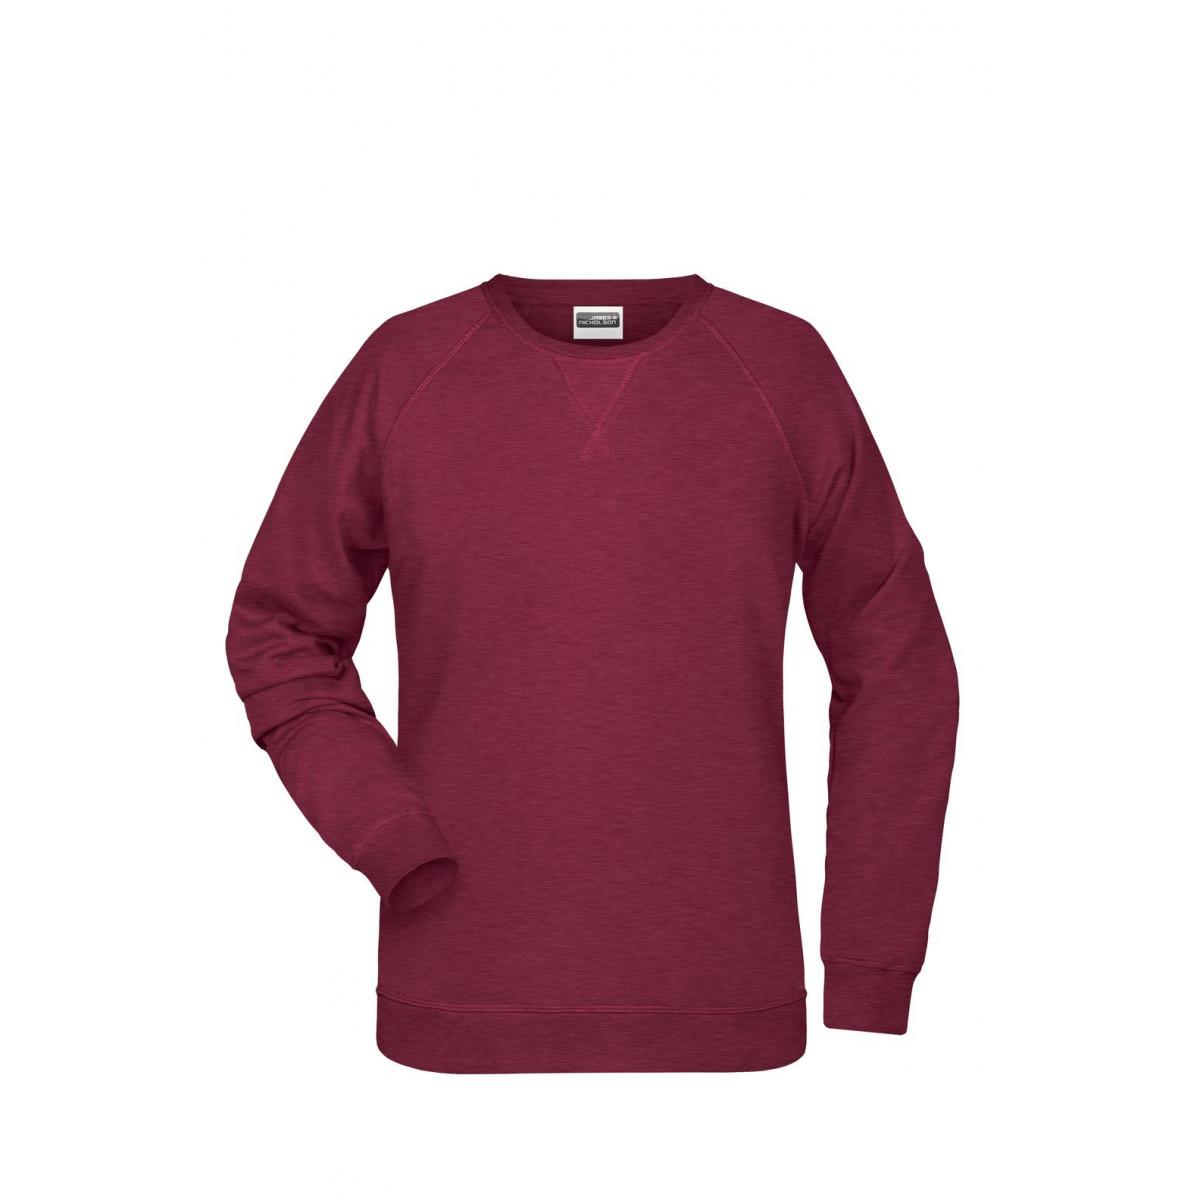 Толстовка женская 8021 Ladies Sweat - Бордовый меланж